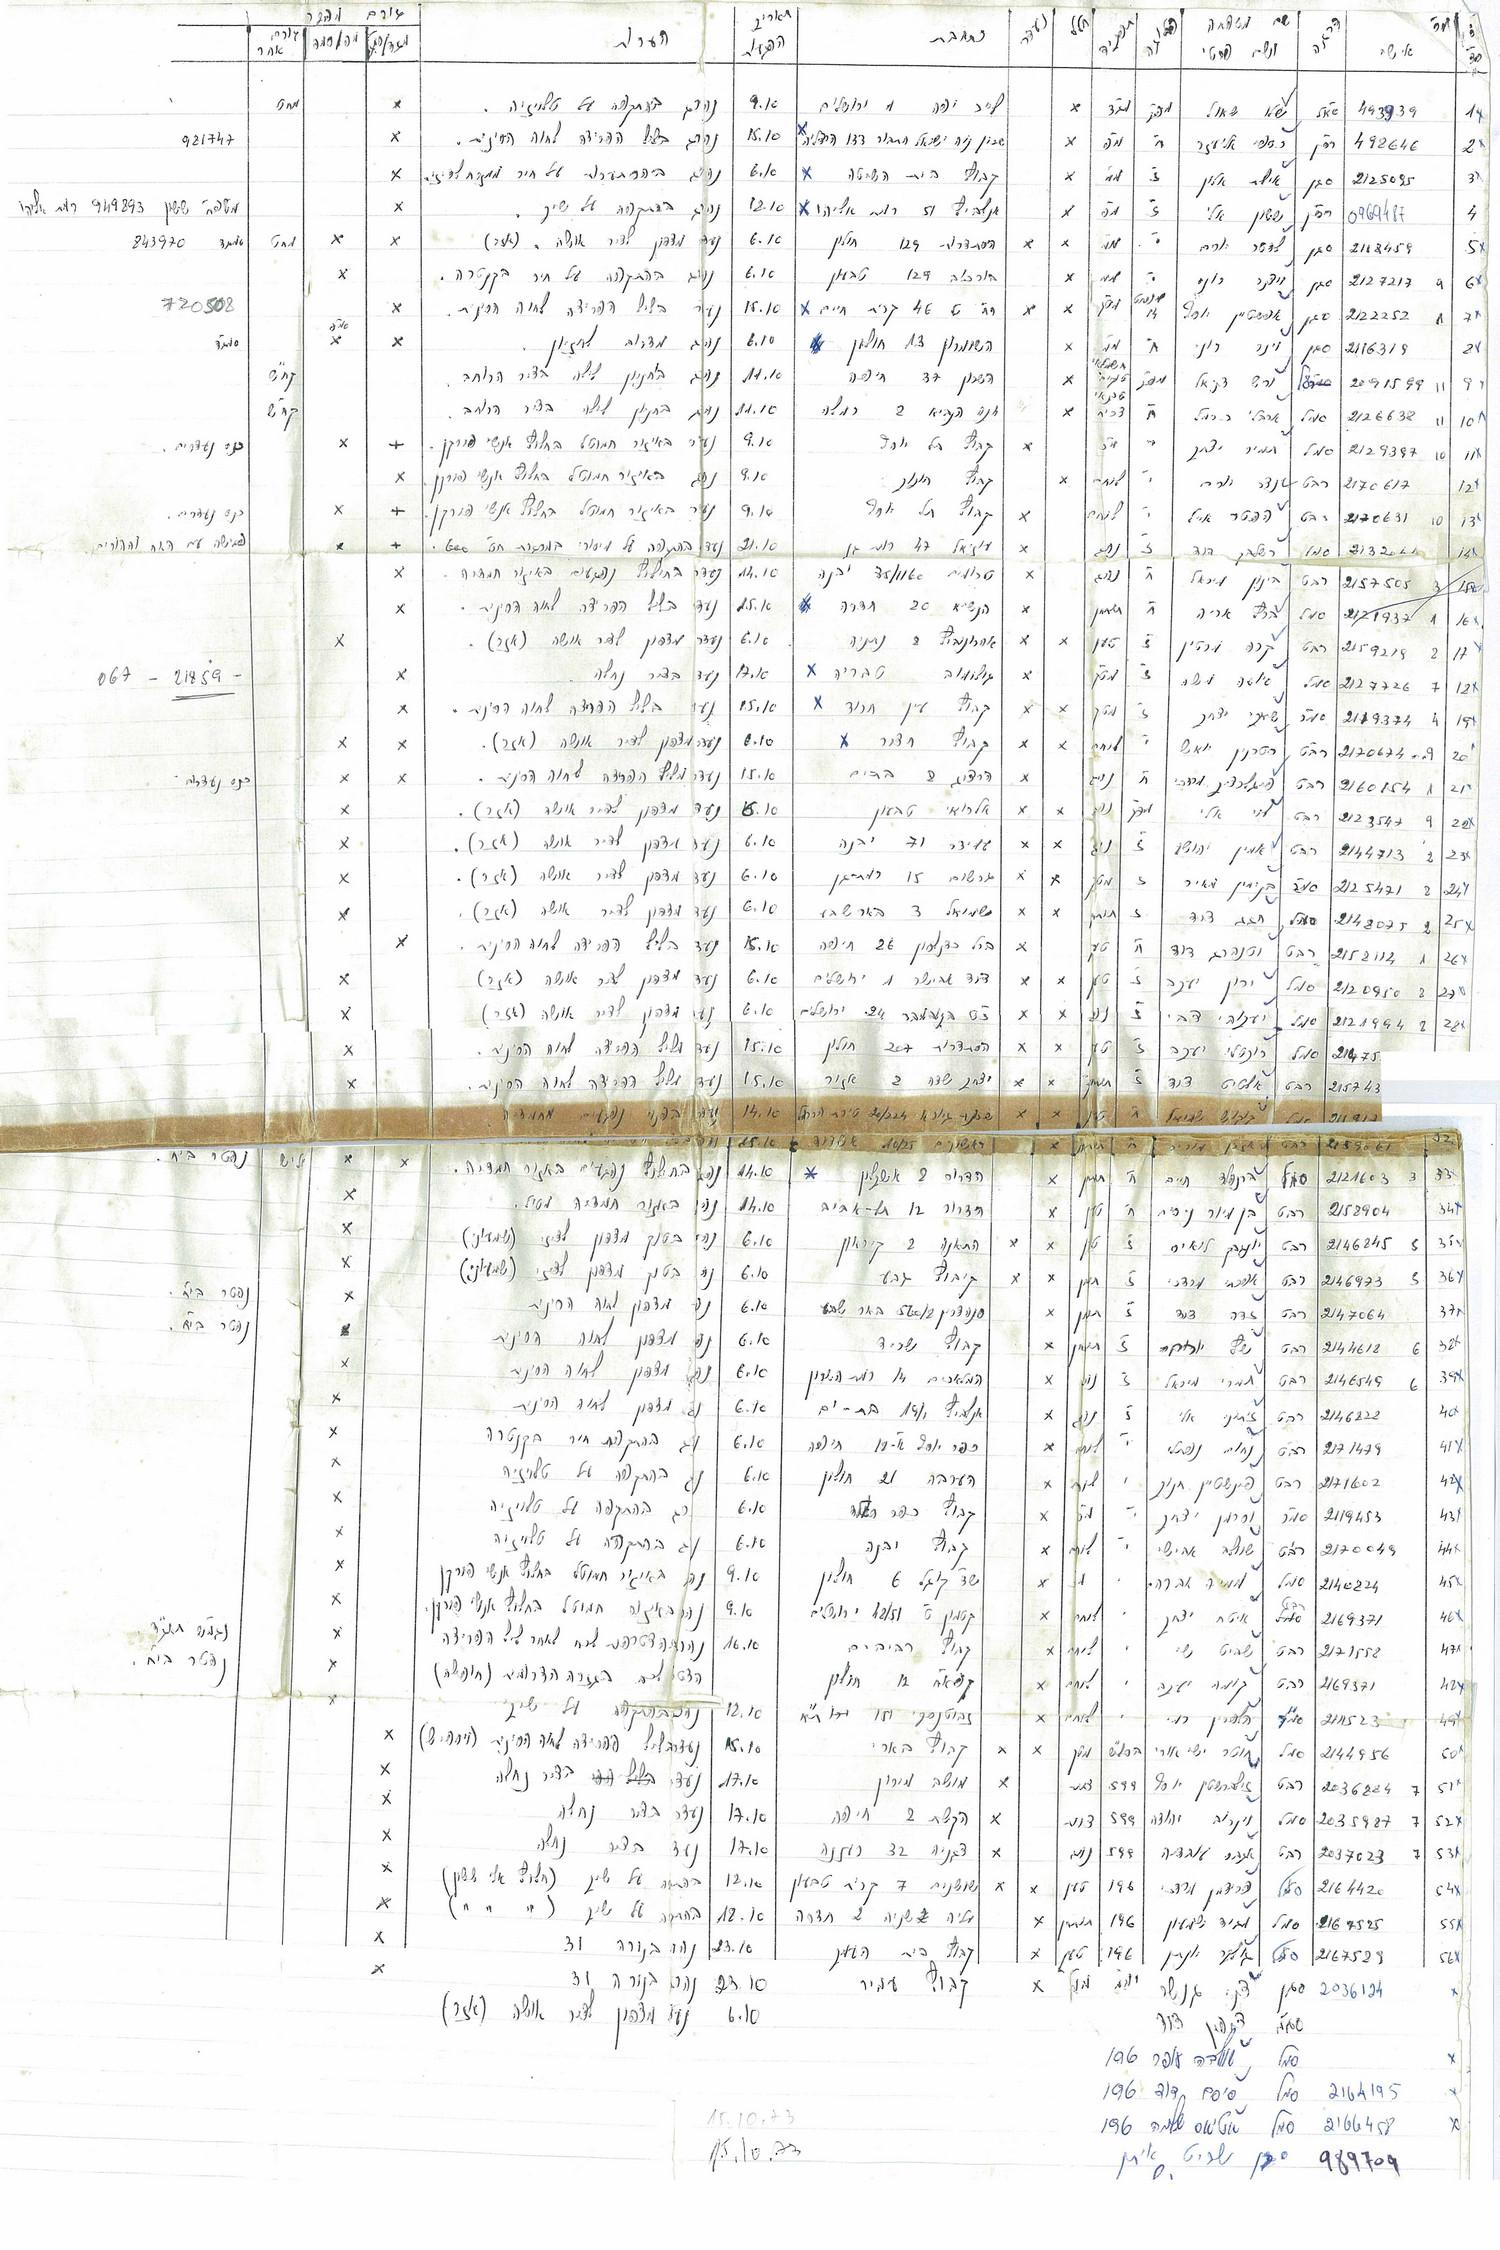 רשימת חללי גדוד 184 [לצפייה בגודל מלא - יש ללחוץ על התמונה]